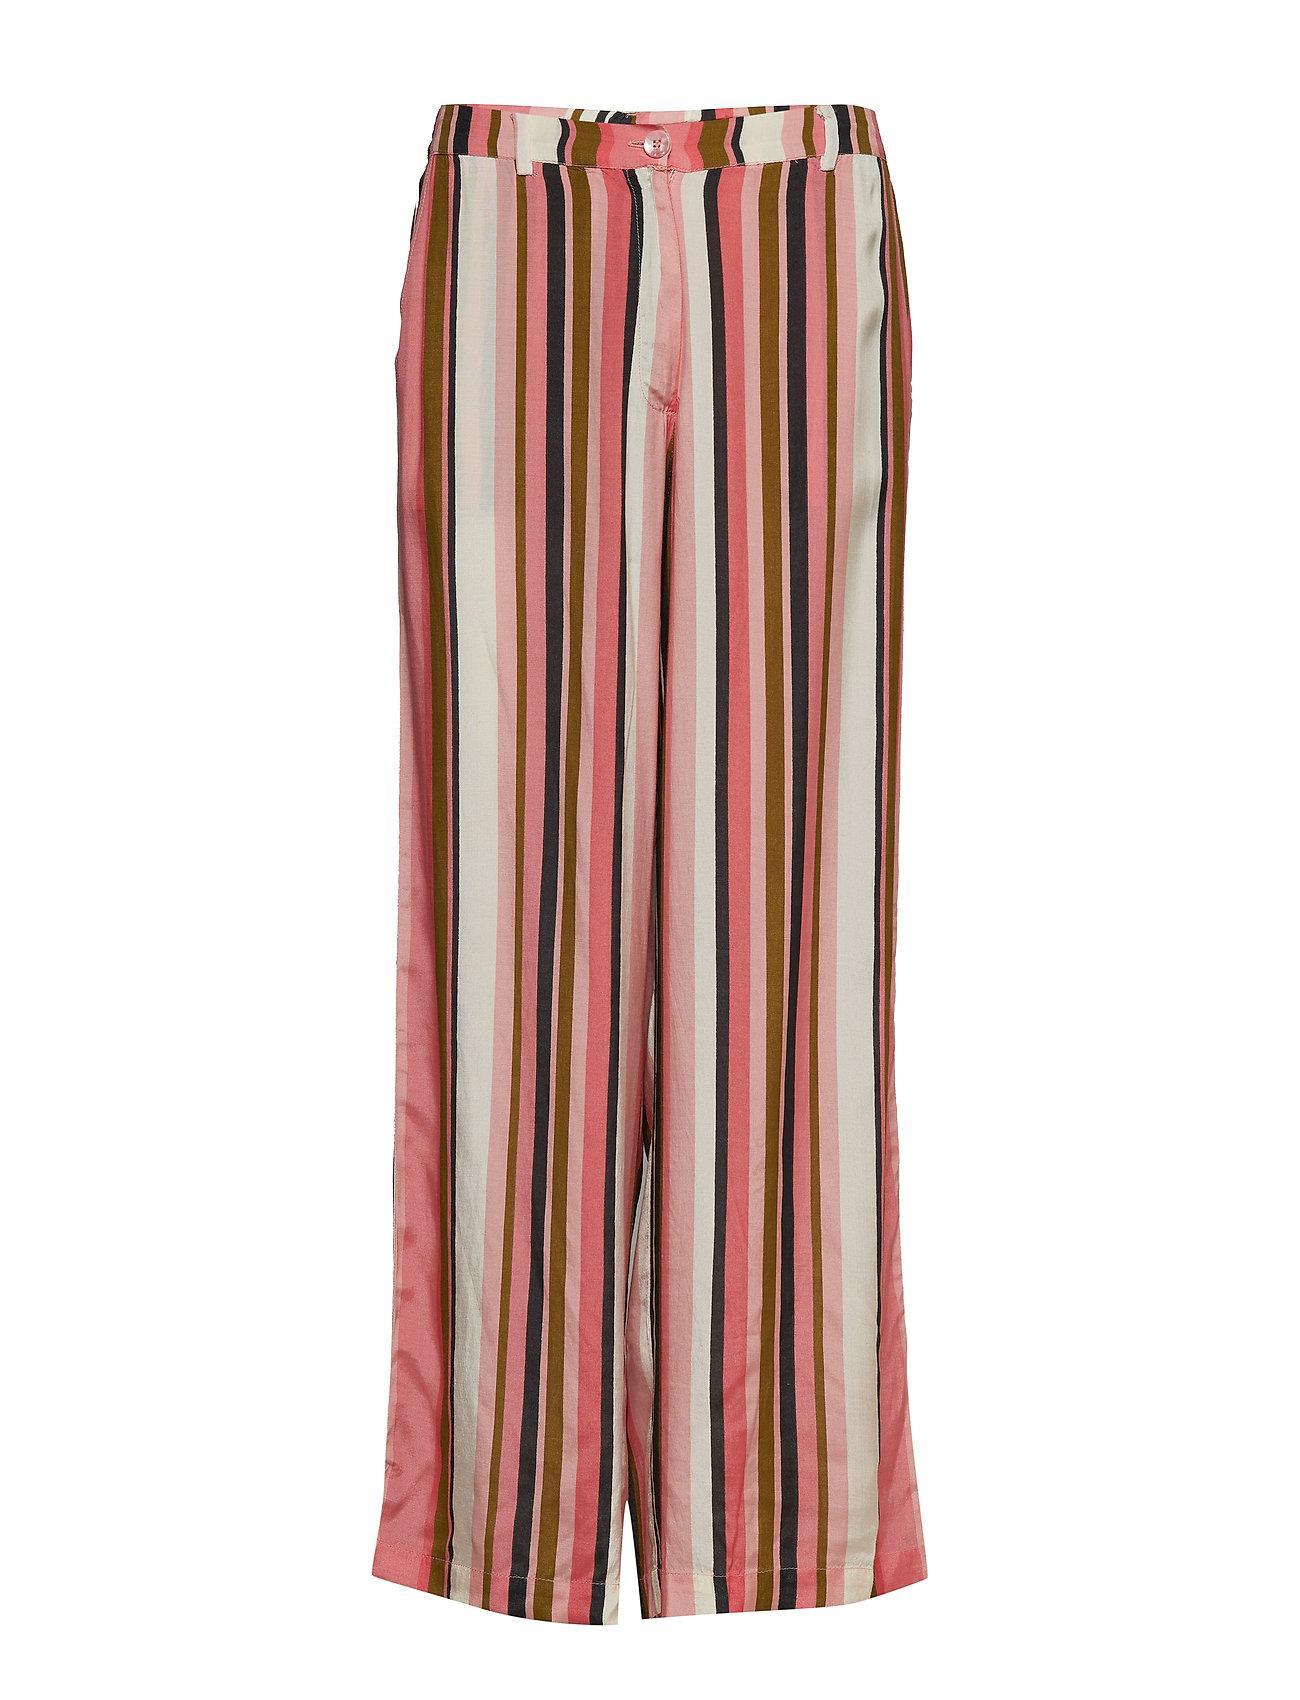 Masai Perinus trousers - BLUSH ORG